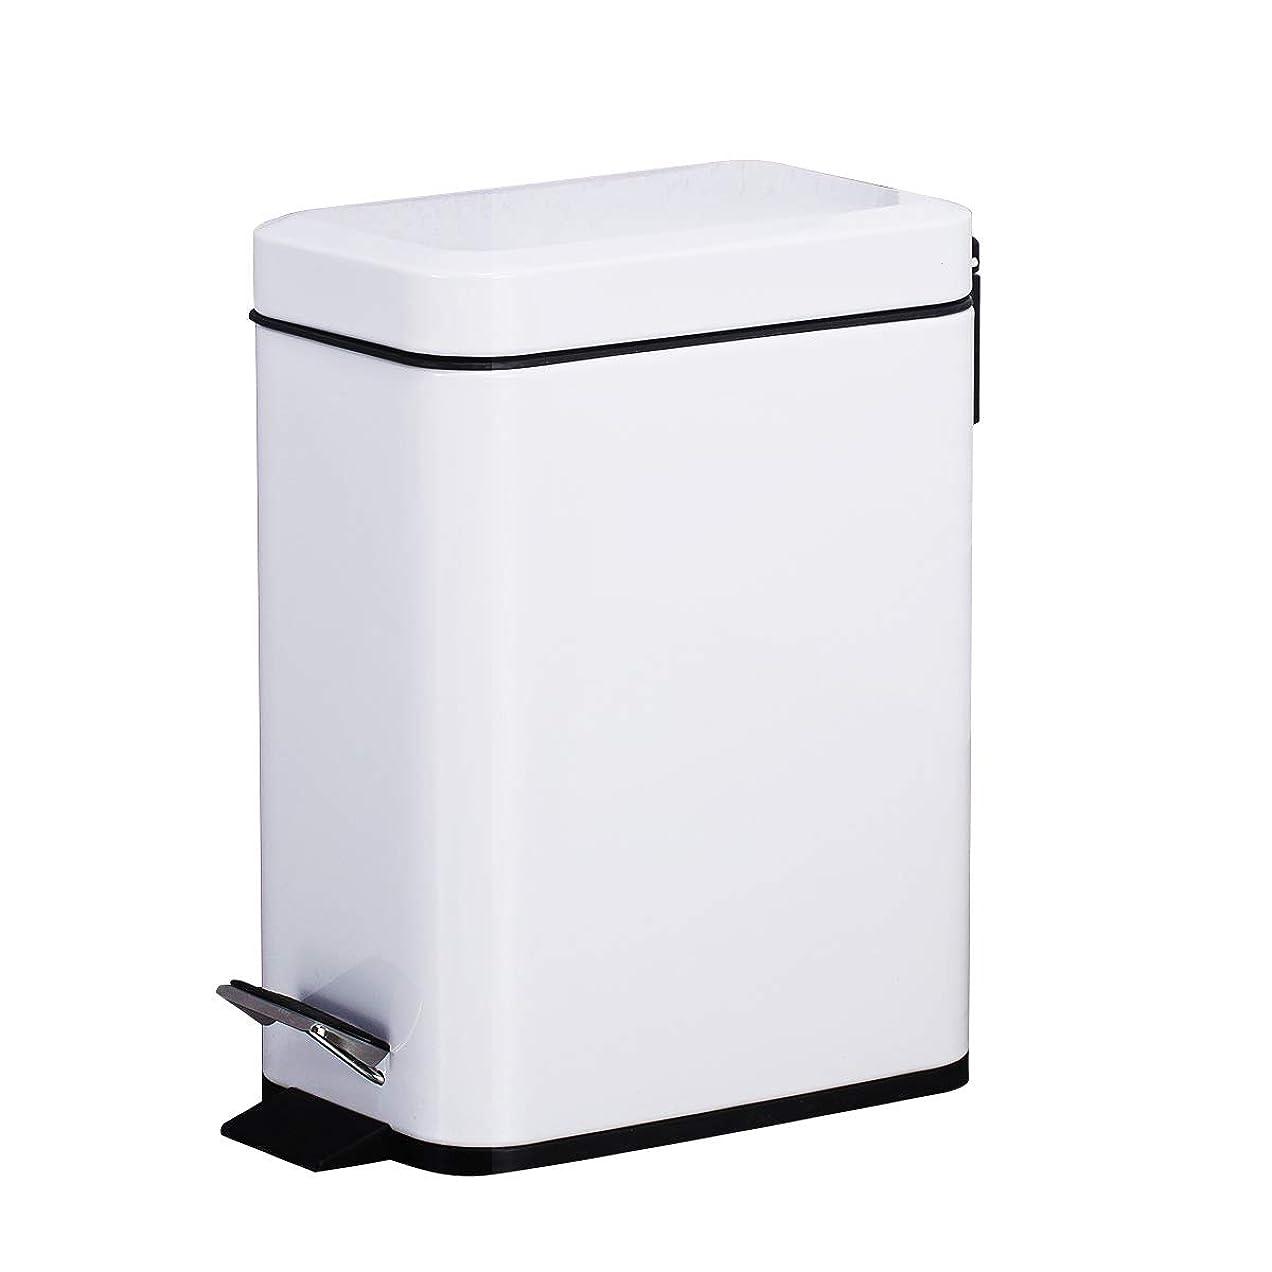 消毒剤寛大さ慢Smart-bin 5L スリム ゴミ箱 ダストボックス 四角形 蓋付き ペダル式 ゴミ箱 音無し 生ごみ 防水 指紋防止 オシャレ ペダル式ゴミ箱 ダストボックス キッチン トラッシュカン リサイクルカン トイレ リビング (ホワイト)